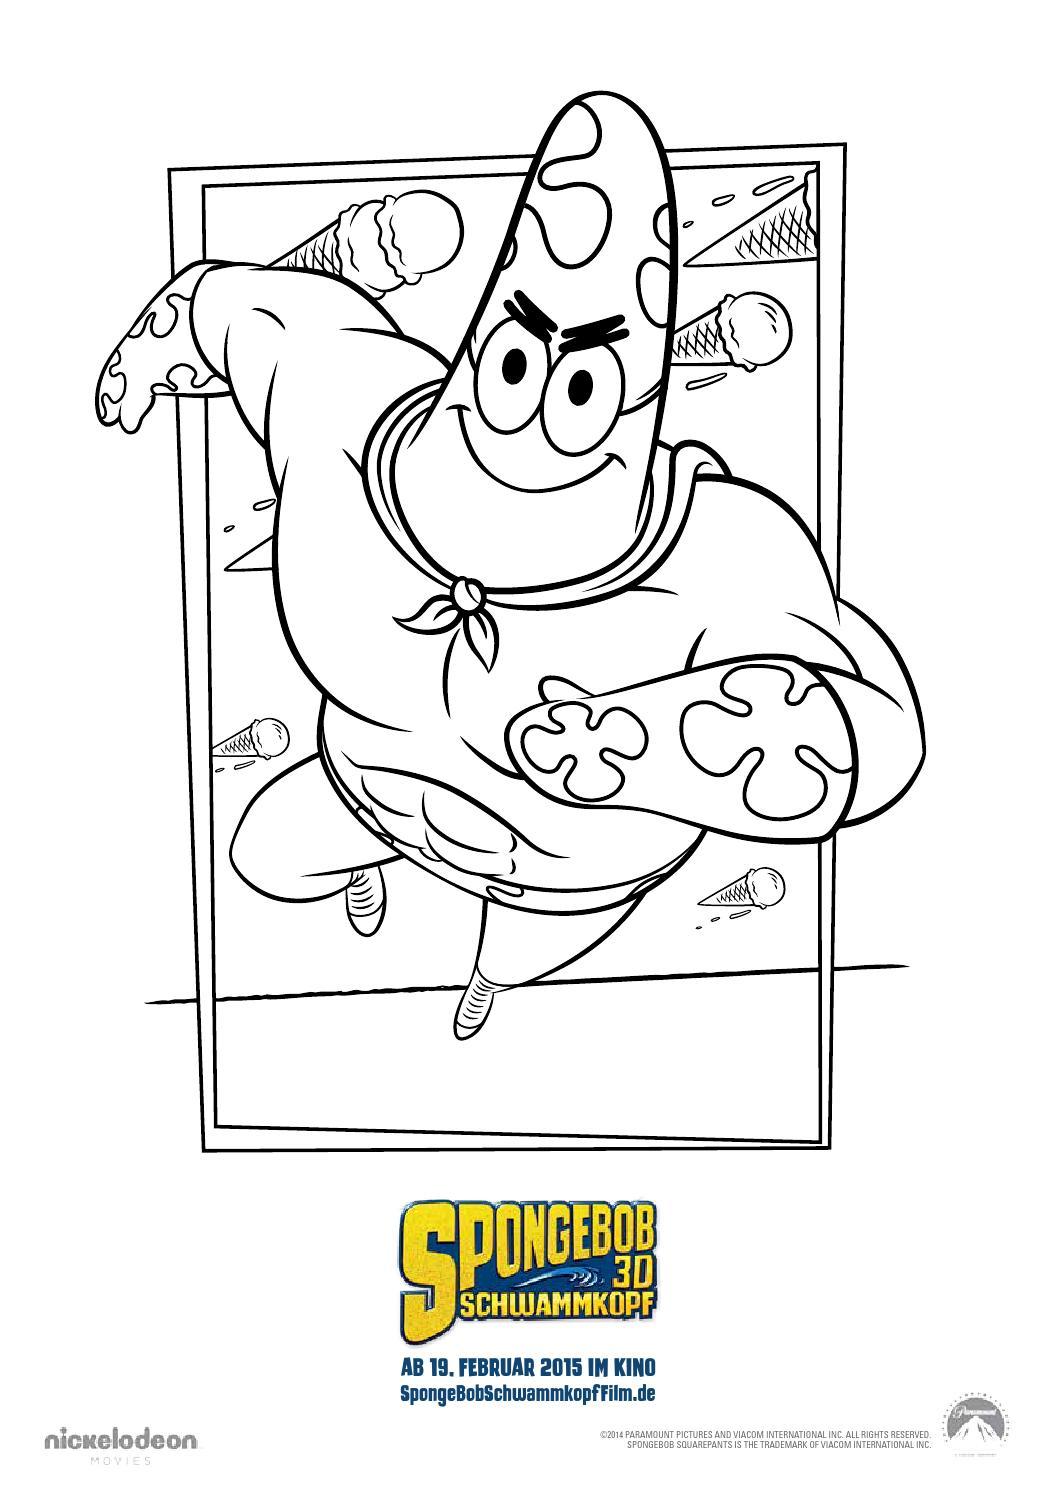 Fein Malvorlagen Von Spongebob Als Baby Fotos - Druckbare ...